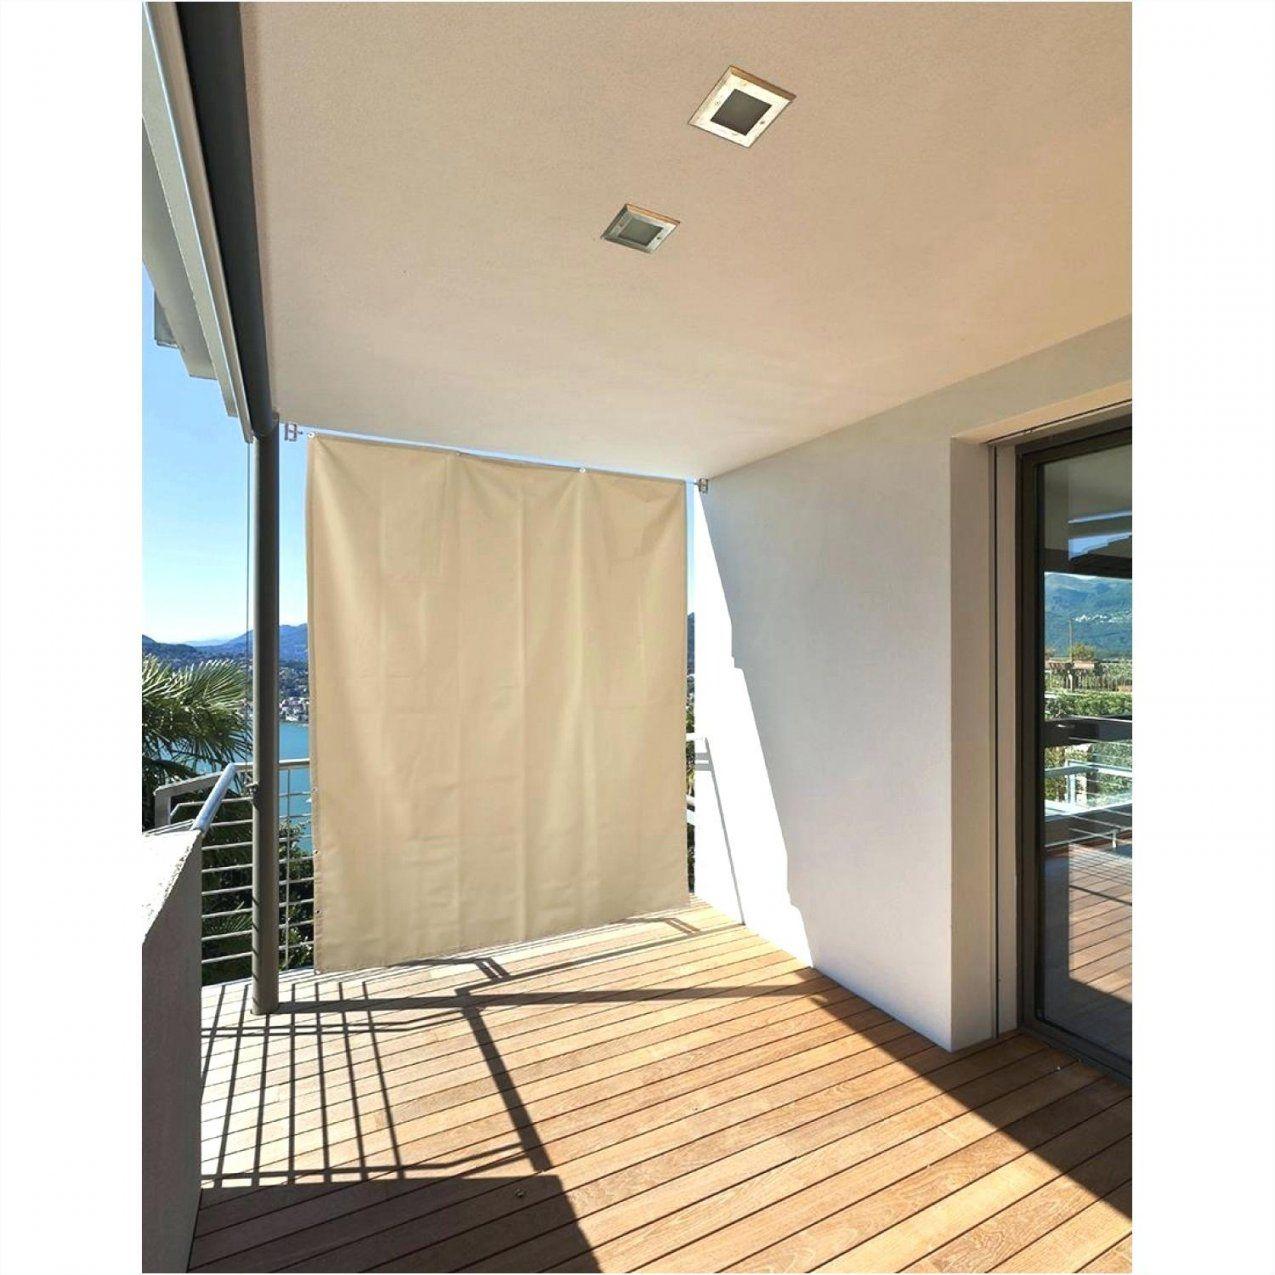 Sichtschutz Plexiglas Neu Windschutz Terrasse Holz Selber Bauen Farbig von Sichtschutz Balkon Selber Bauen Bild